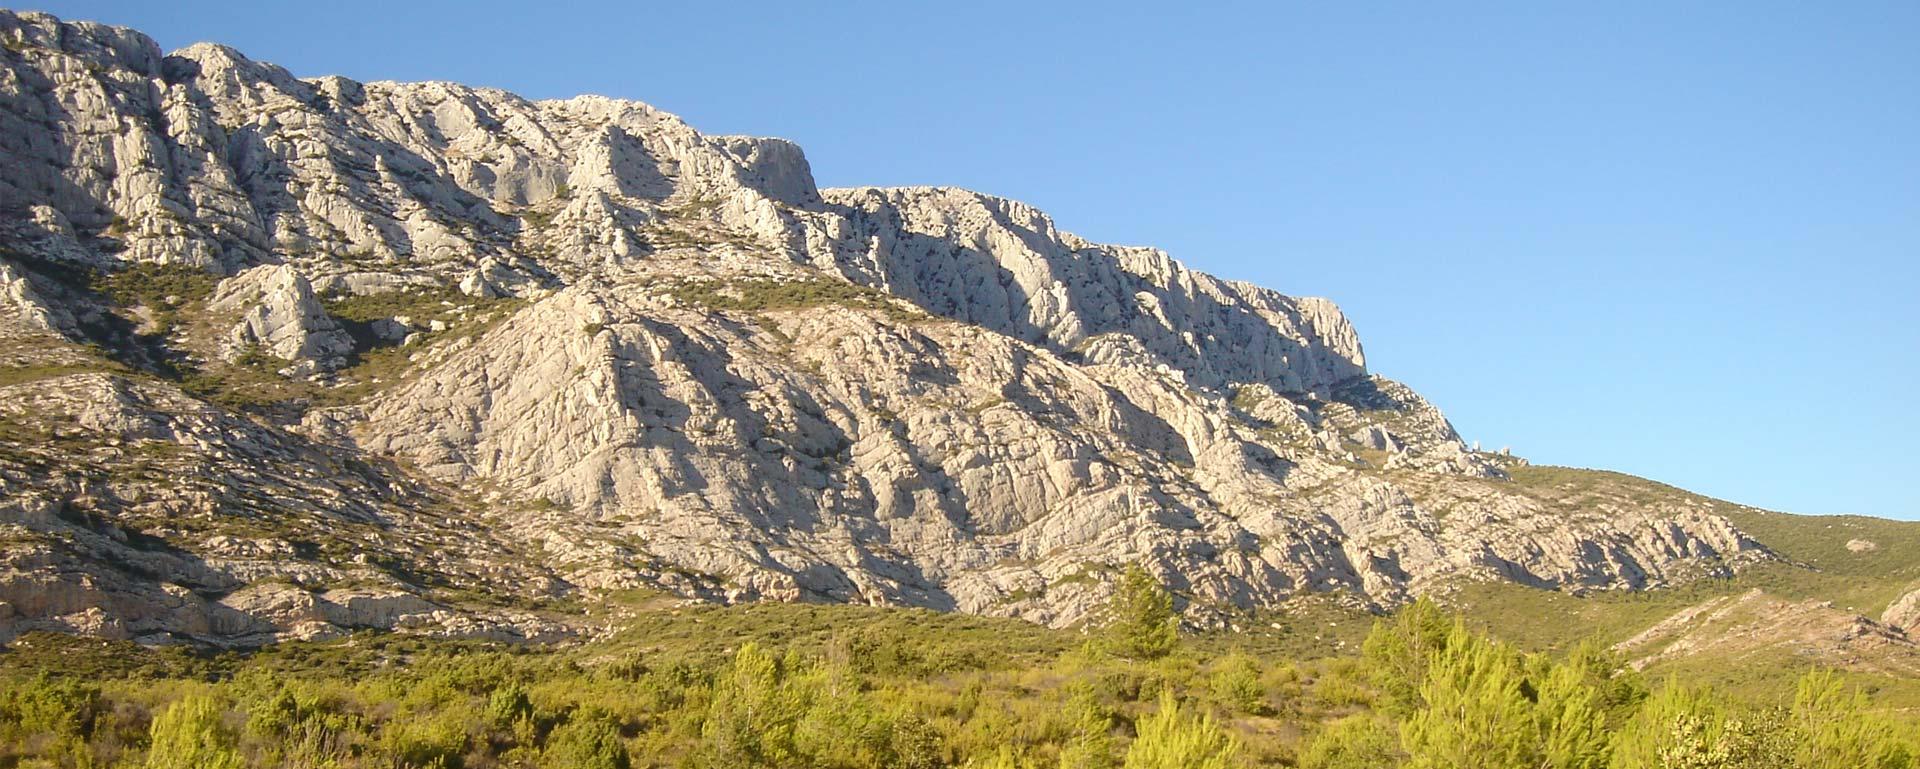 Montagne Sainte-Victoire : Un lieu incontournable u00e0 ...